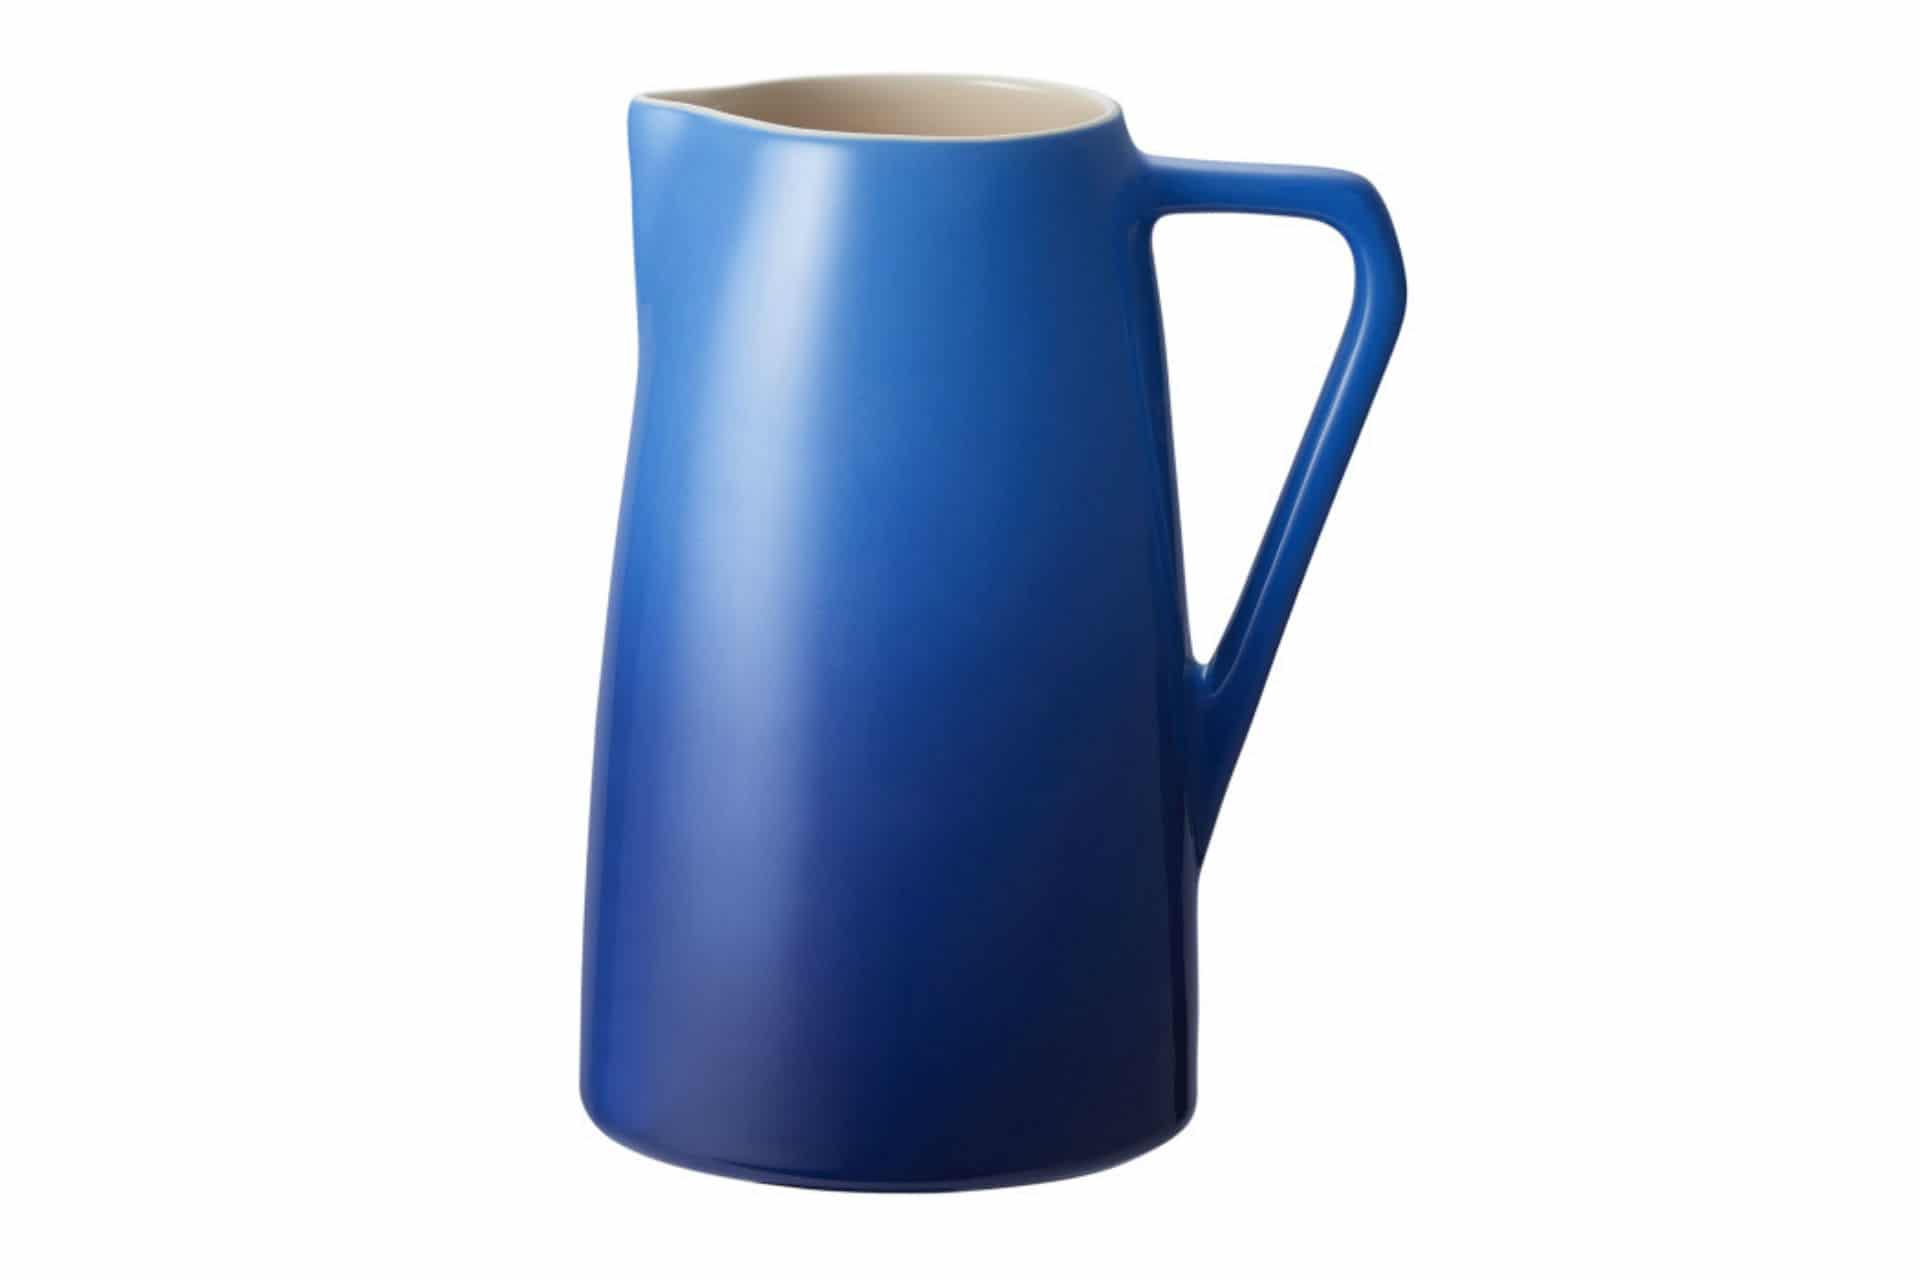 blue ceramic pitcher